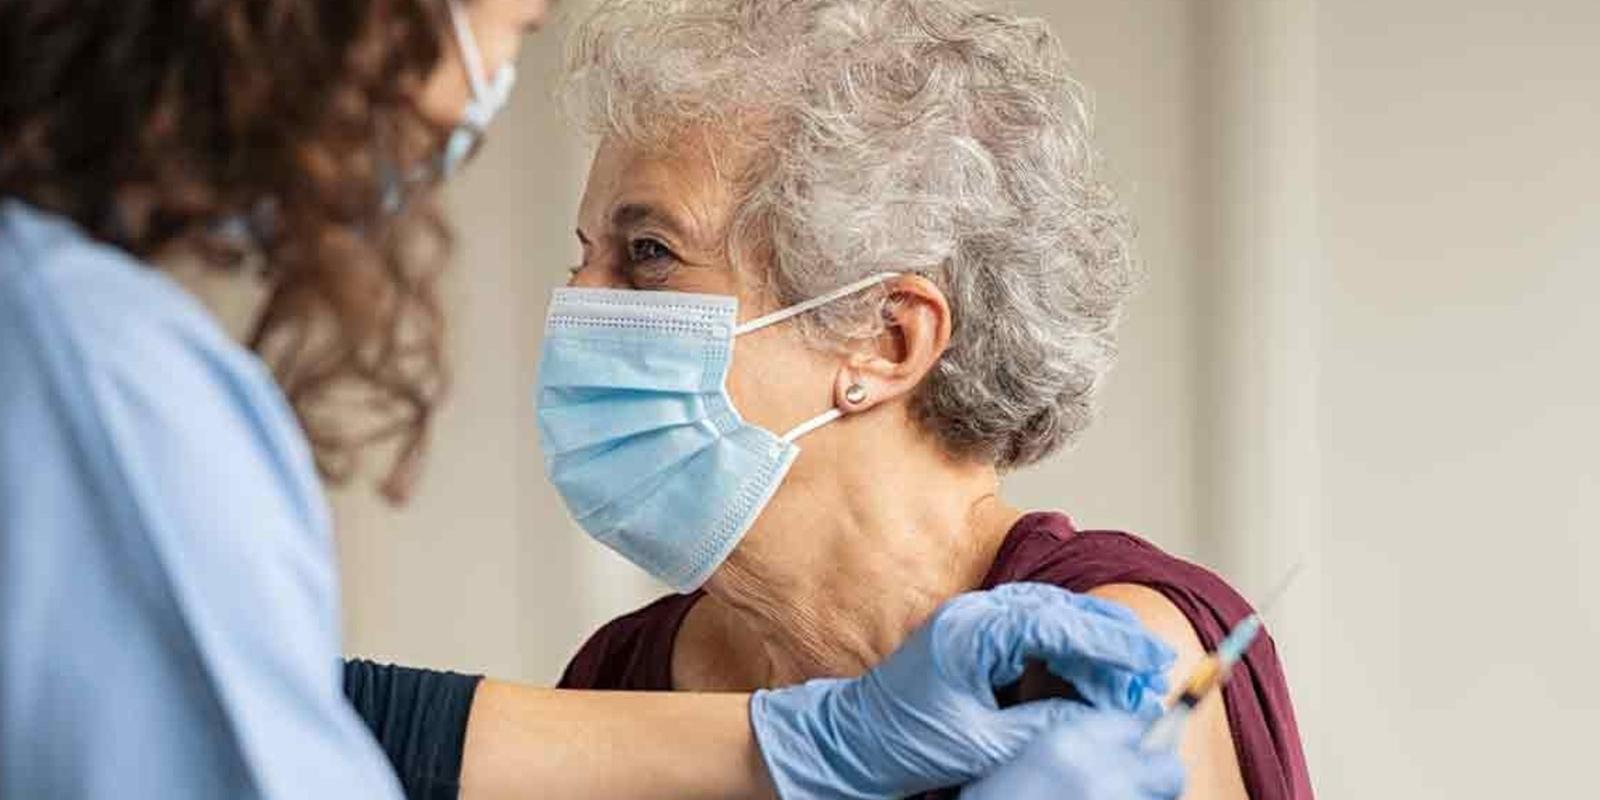 2 doz aşı süresi 4 hafta mı oldu? | 2 doz arası süre 4 haftaya mı indi?